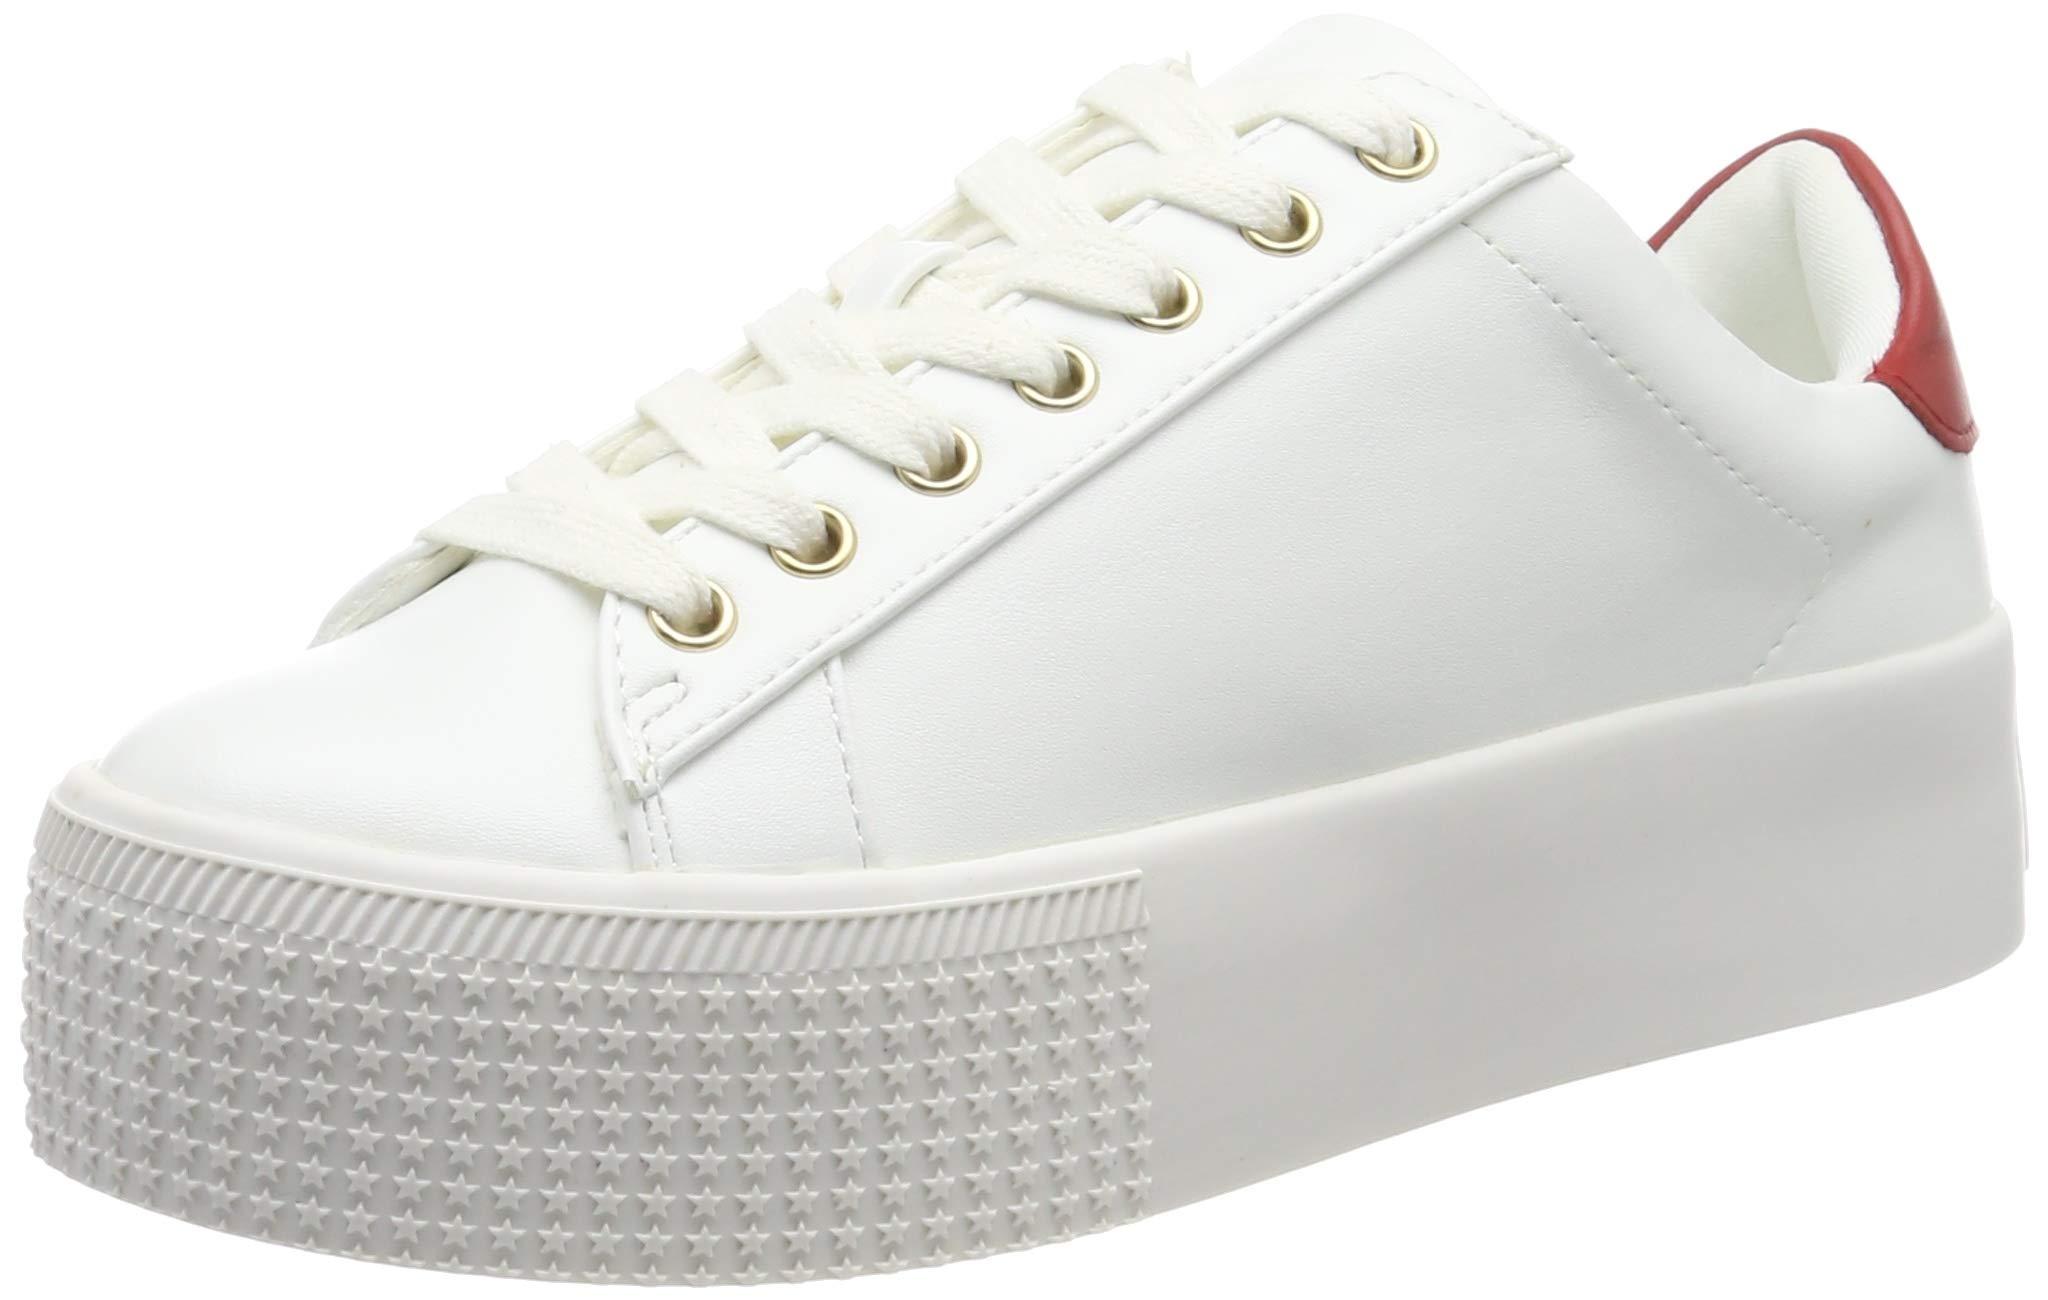 Basses Madden 63436 Eu Steve FemmeRougered SneakerSneakers Multi Pickup EHID29